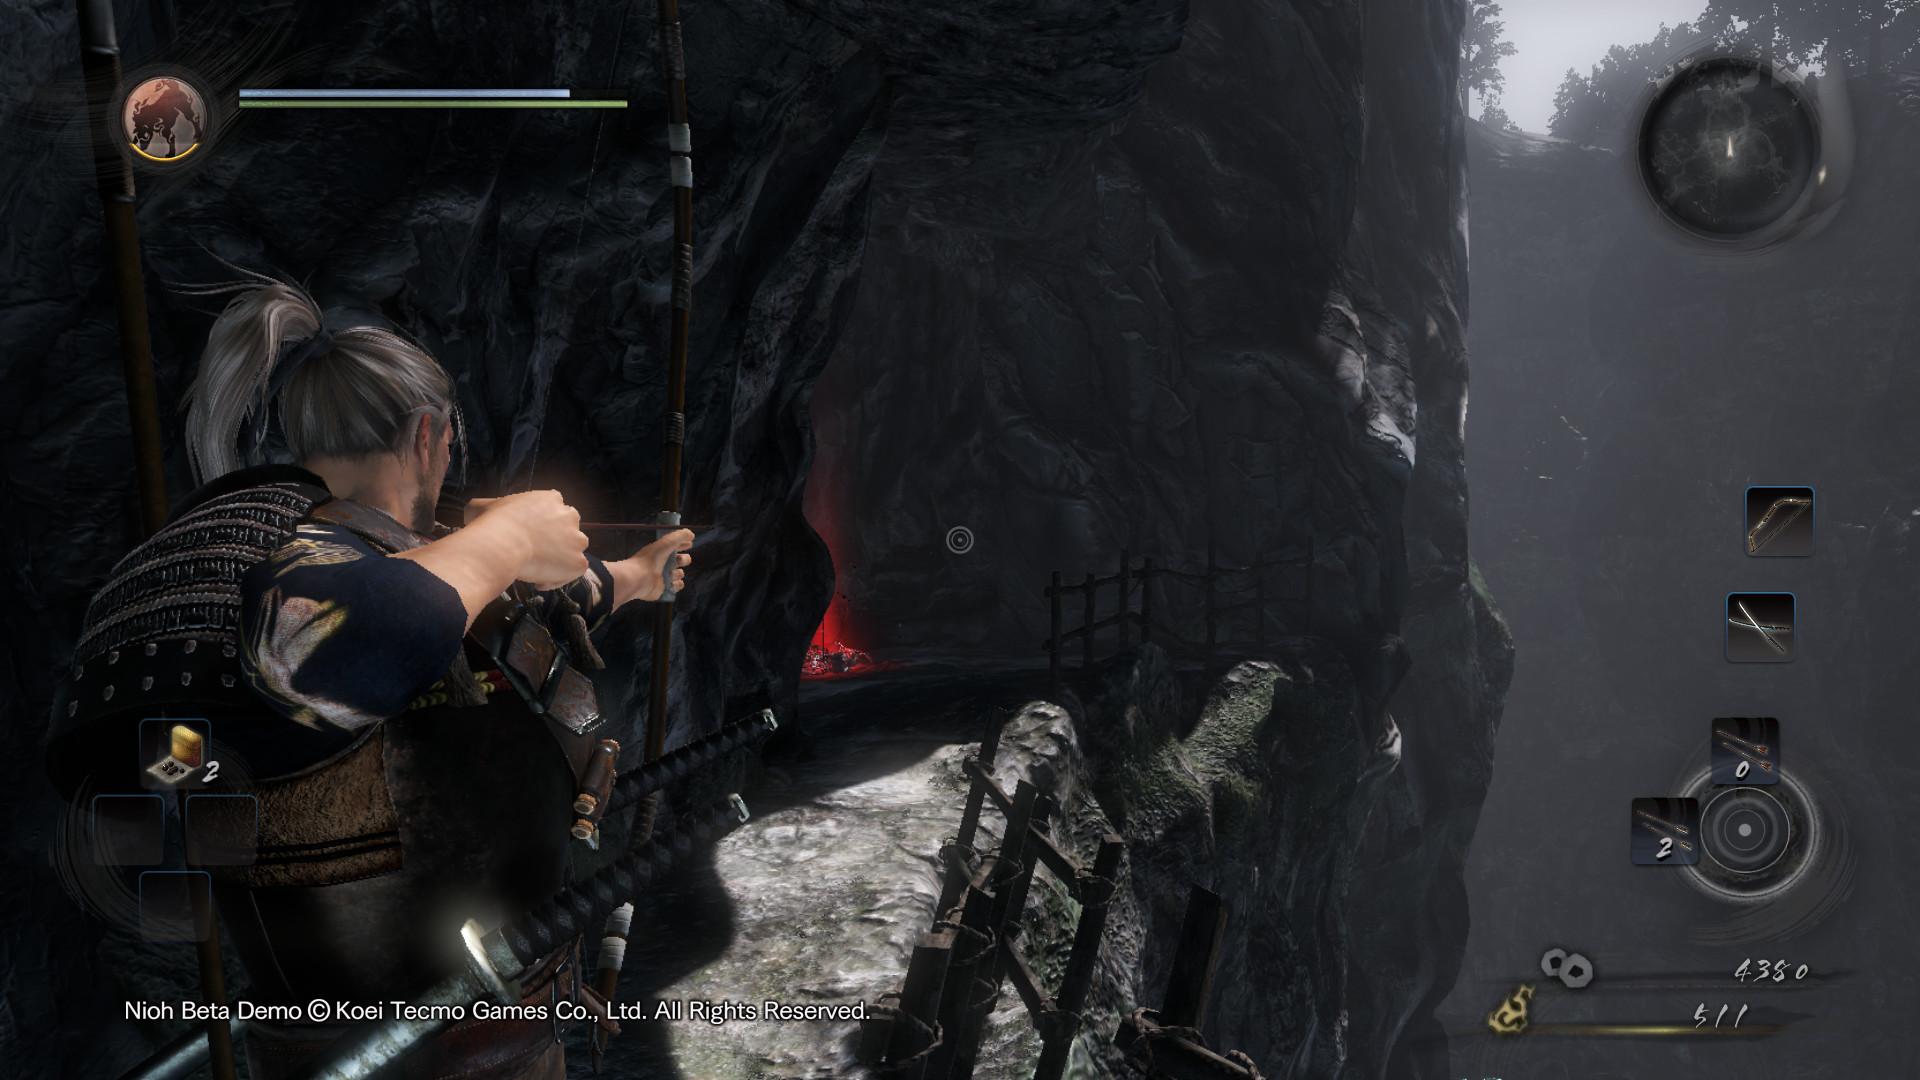 nioh-beta-demo-screenshot-07